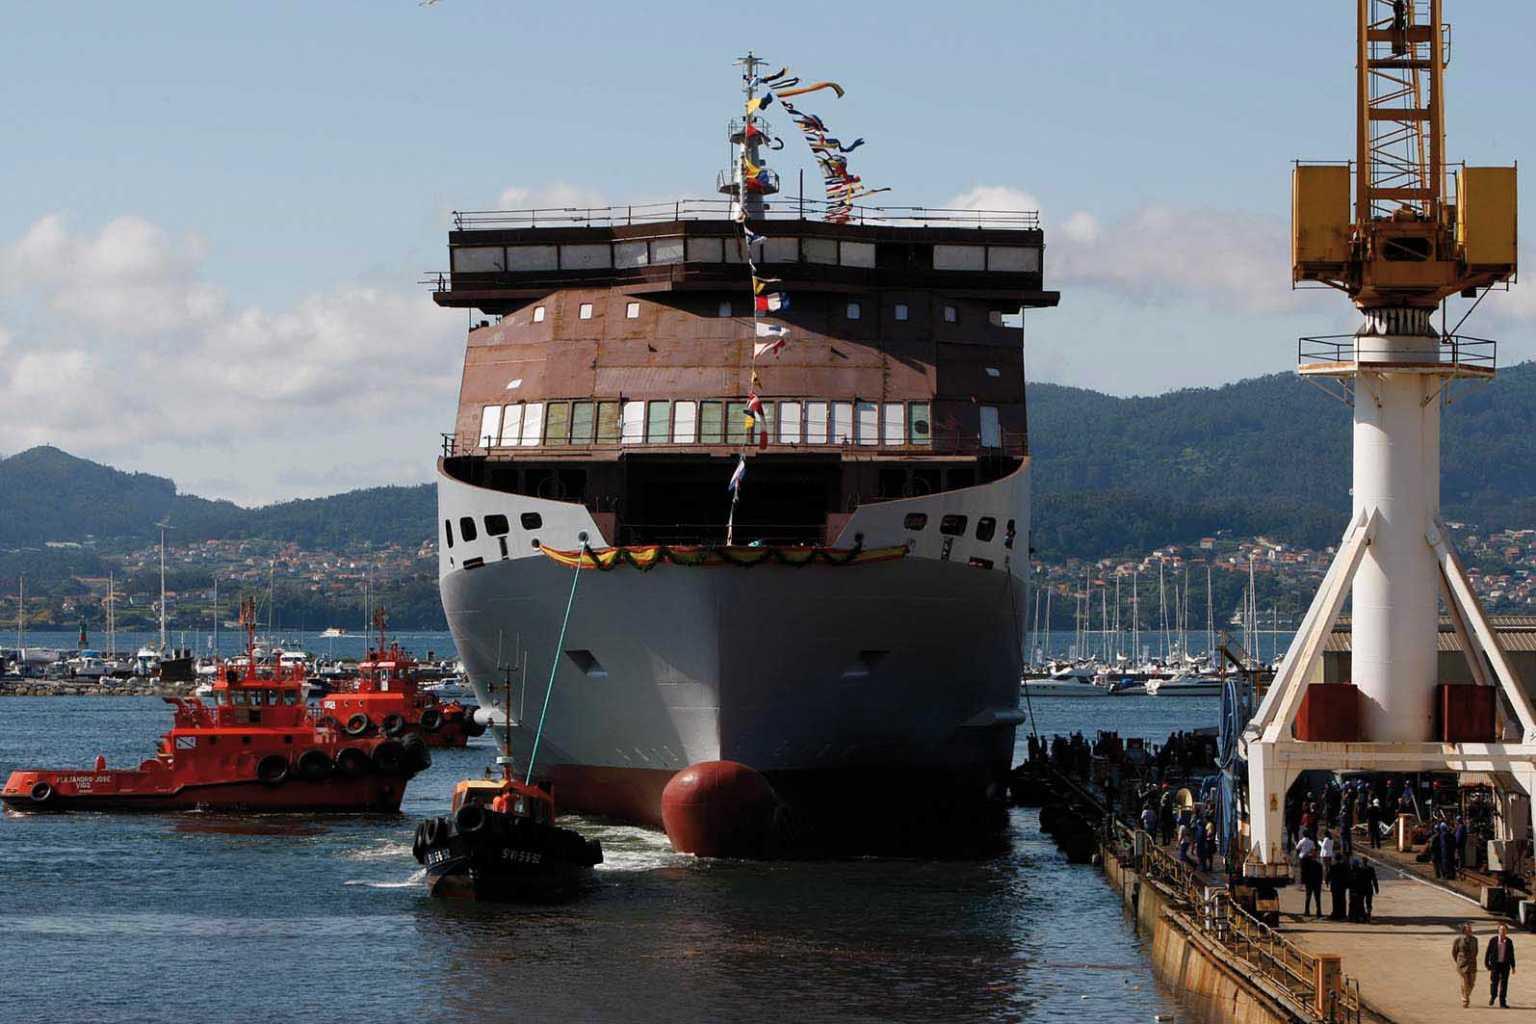 Botadura del barco 'Martín i Soler' en Vigo, 2008.